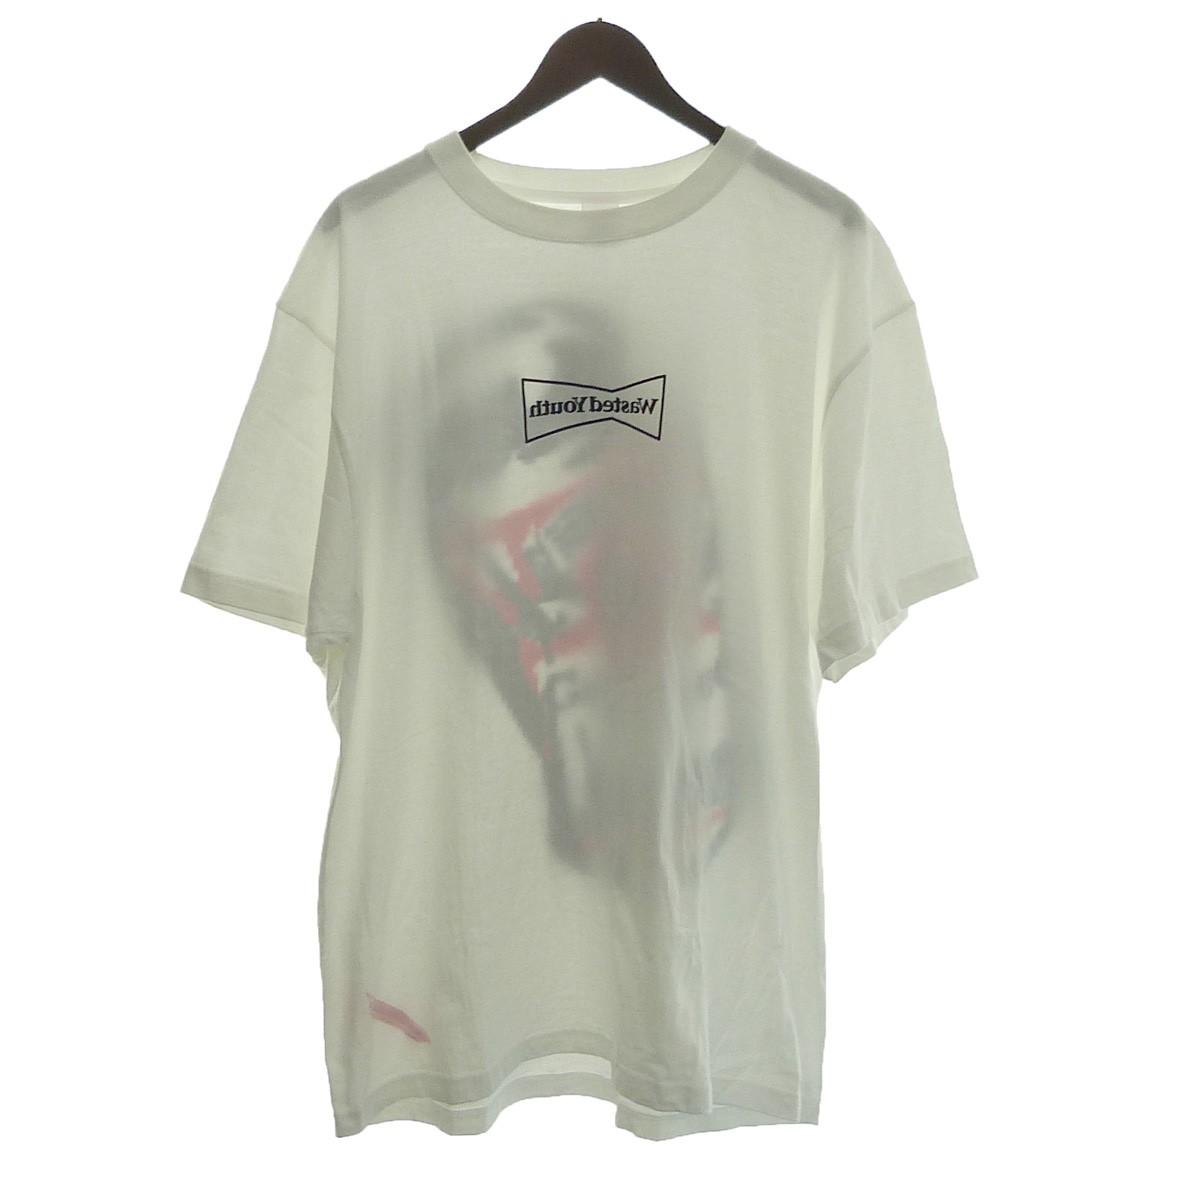 【中古】phingerin ×Wated youth プリントTシャツ ホワイト サイズ:XXL 【111119】(フィンガリン)